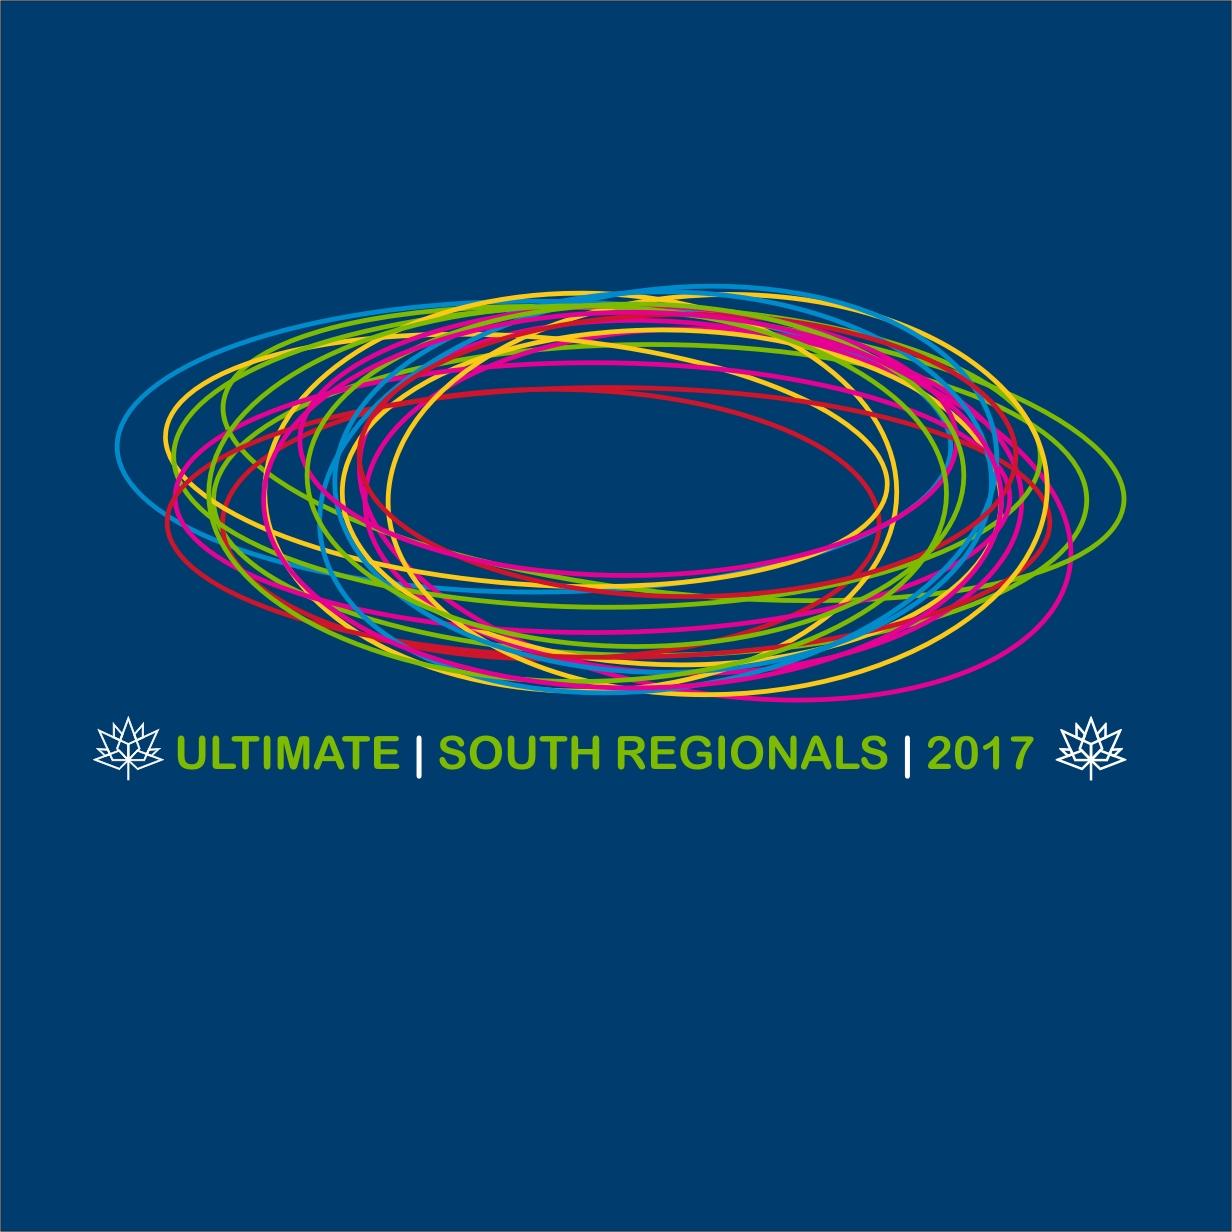 2017 Ultimate logo blue.jpg